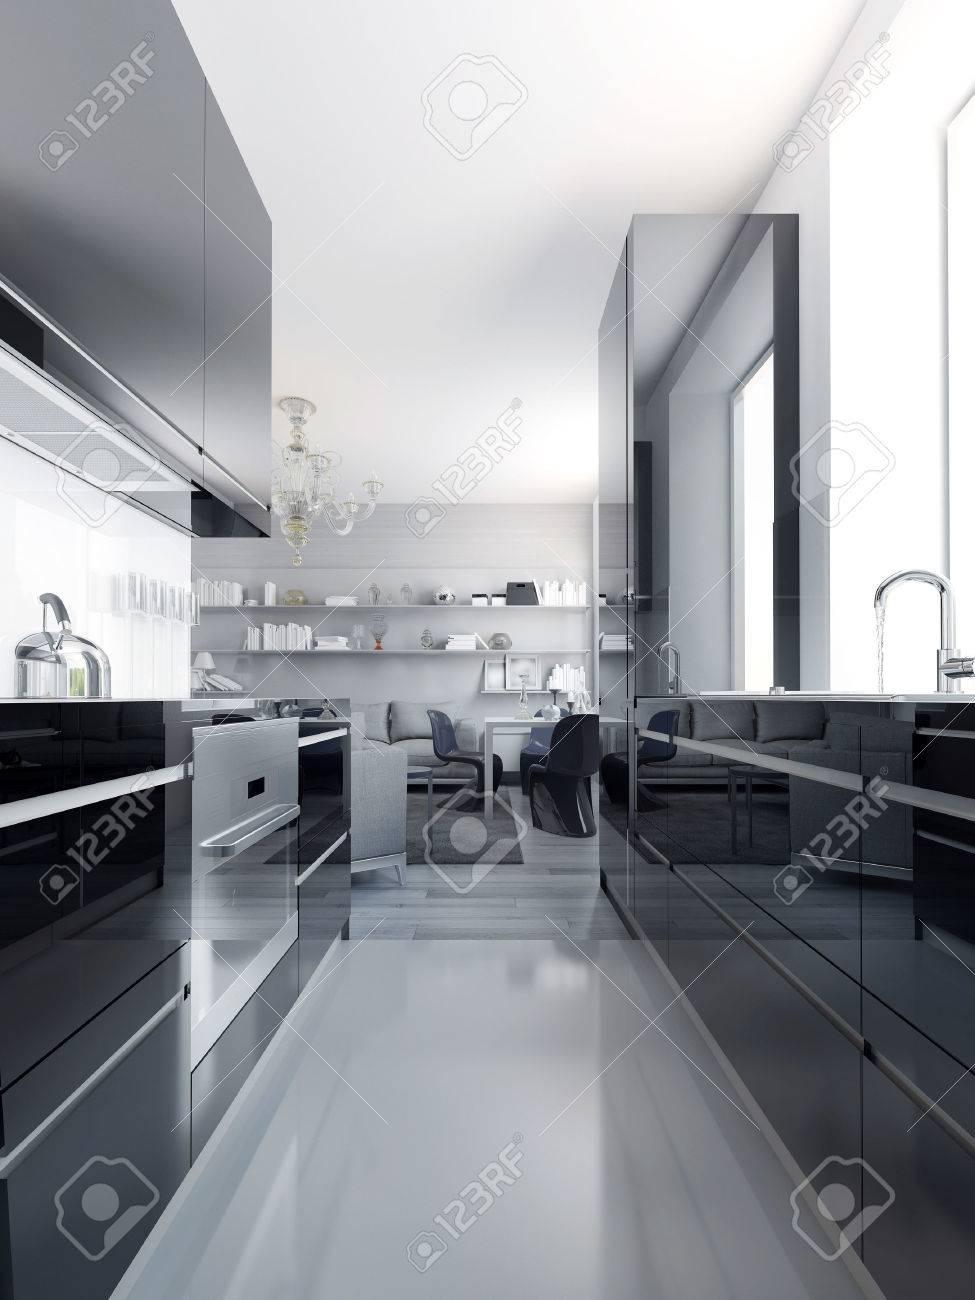 Moderne Schwarze Küche Interieur. Glossy Schränke Schwarz Mit Weißer ...